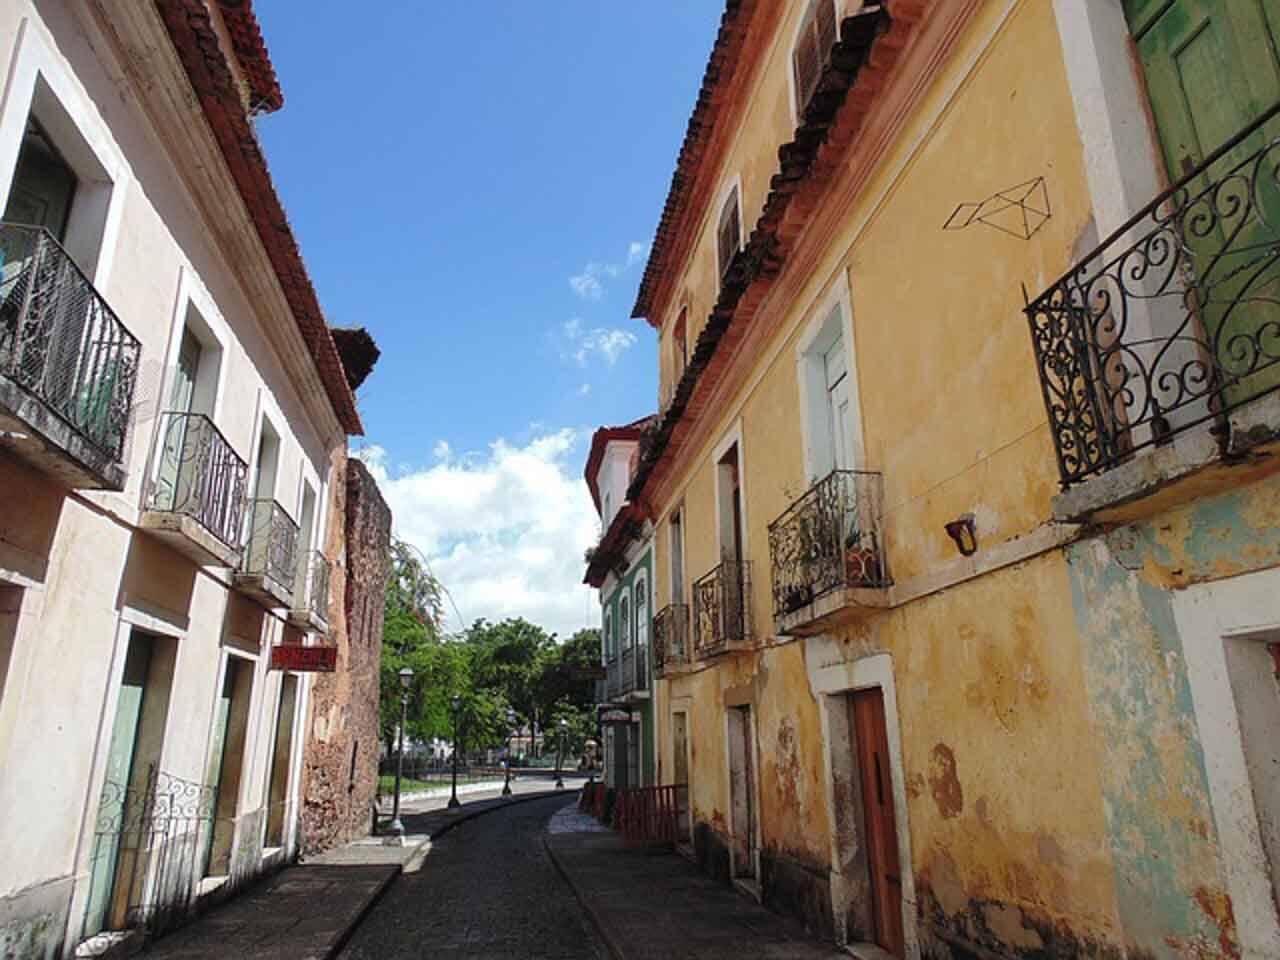 São Luis do Maranhão e suas ruelinhas estreitas.